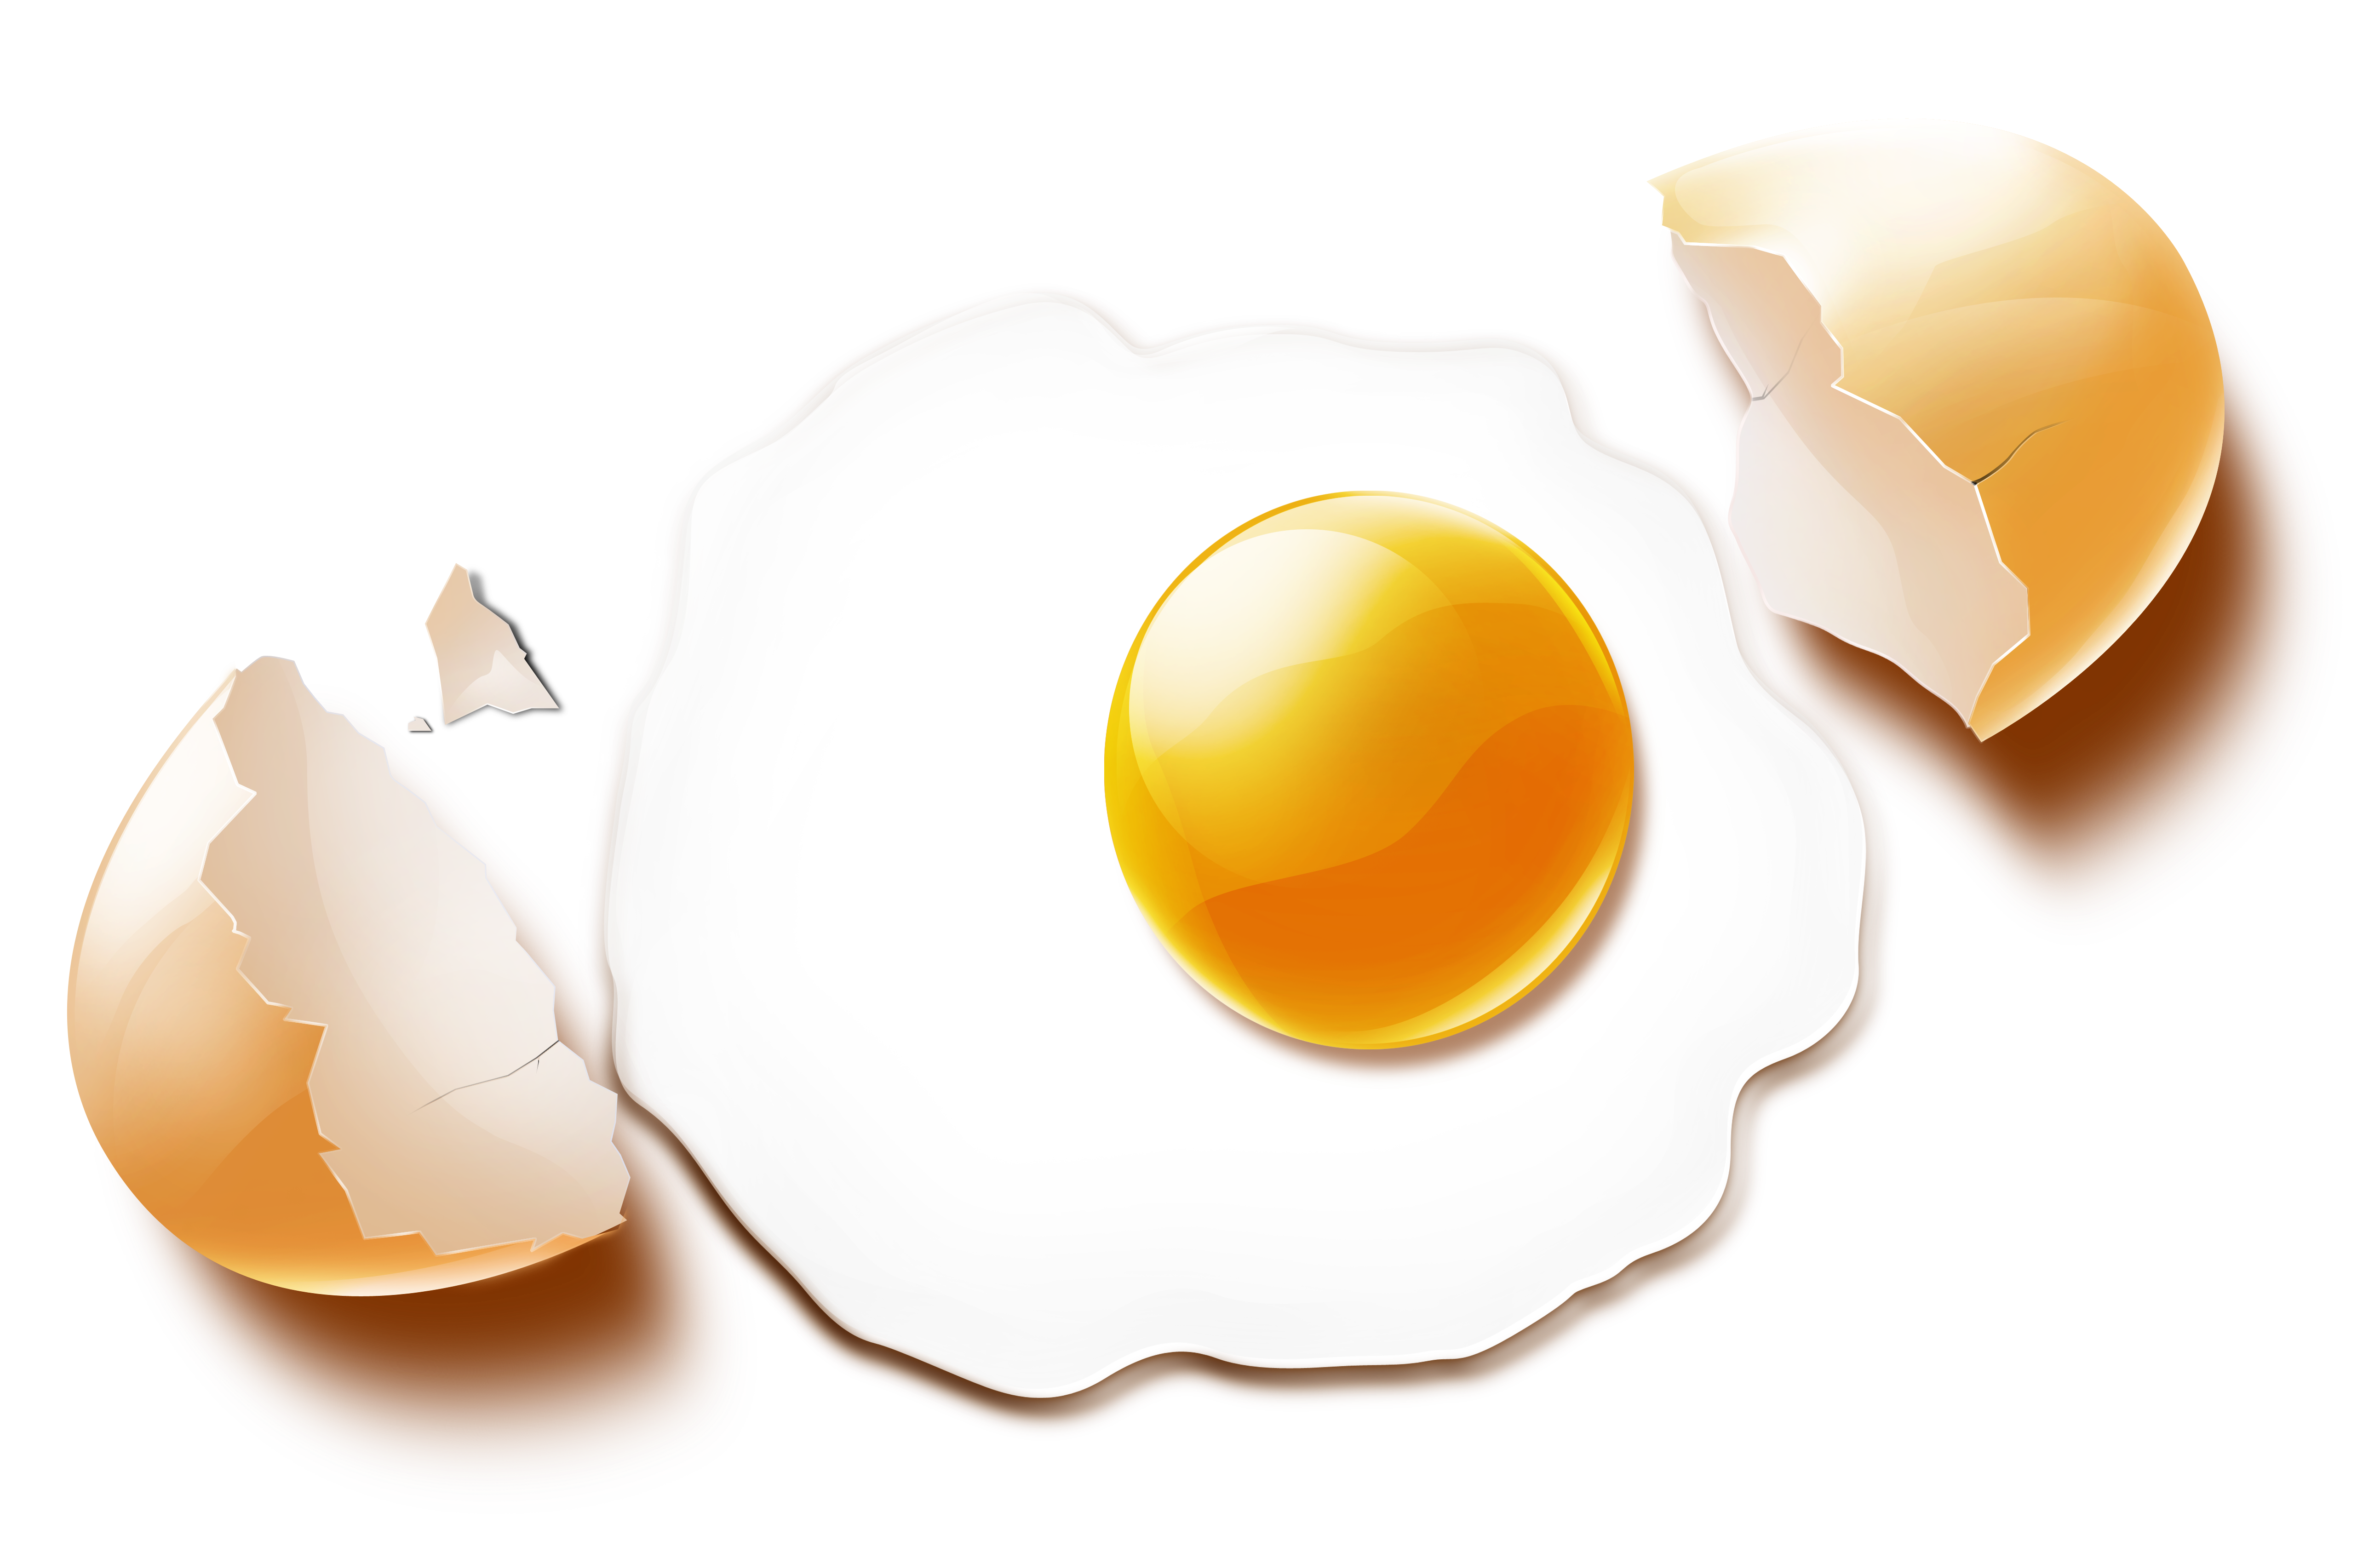 Картинка разбитое яйцо